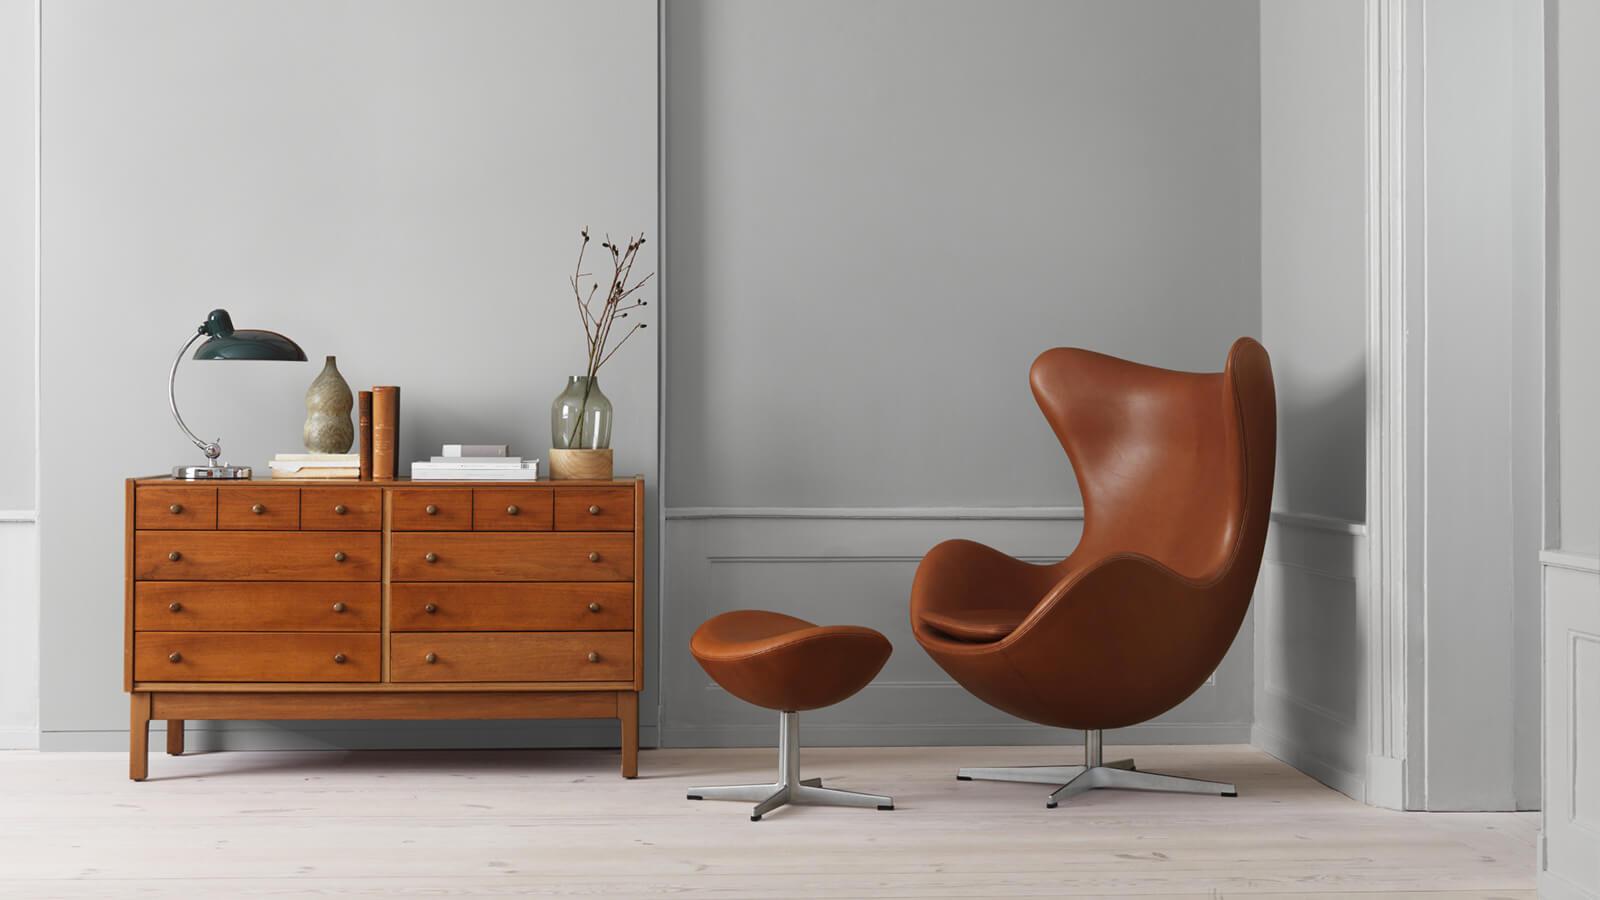 Arne Jacobsen's Egg Chair.  Image: Fritz Hansen